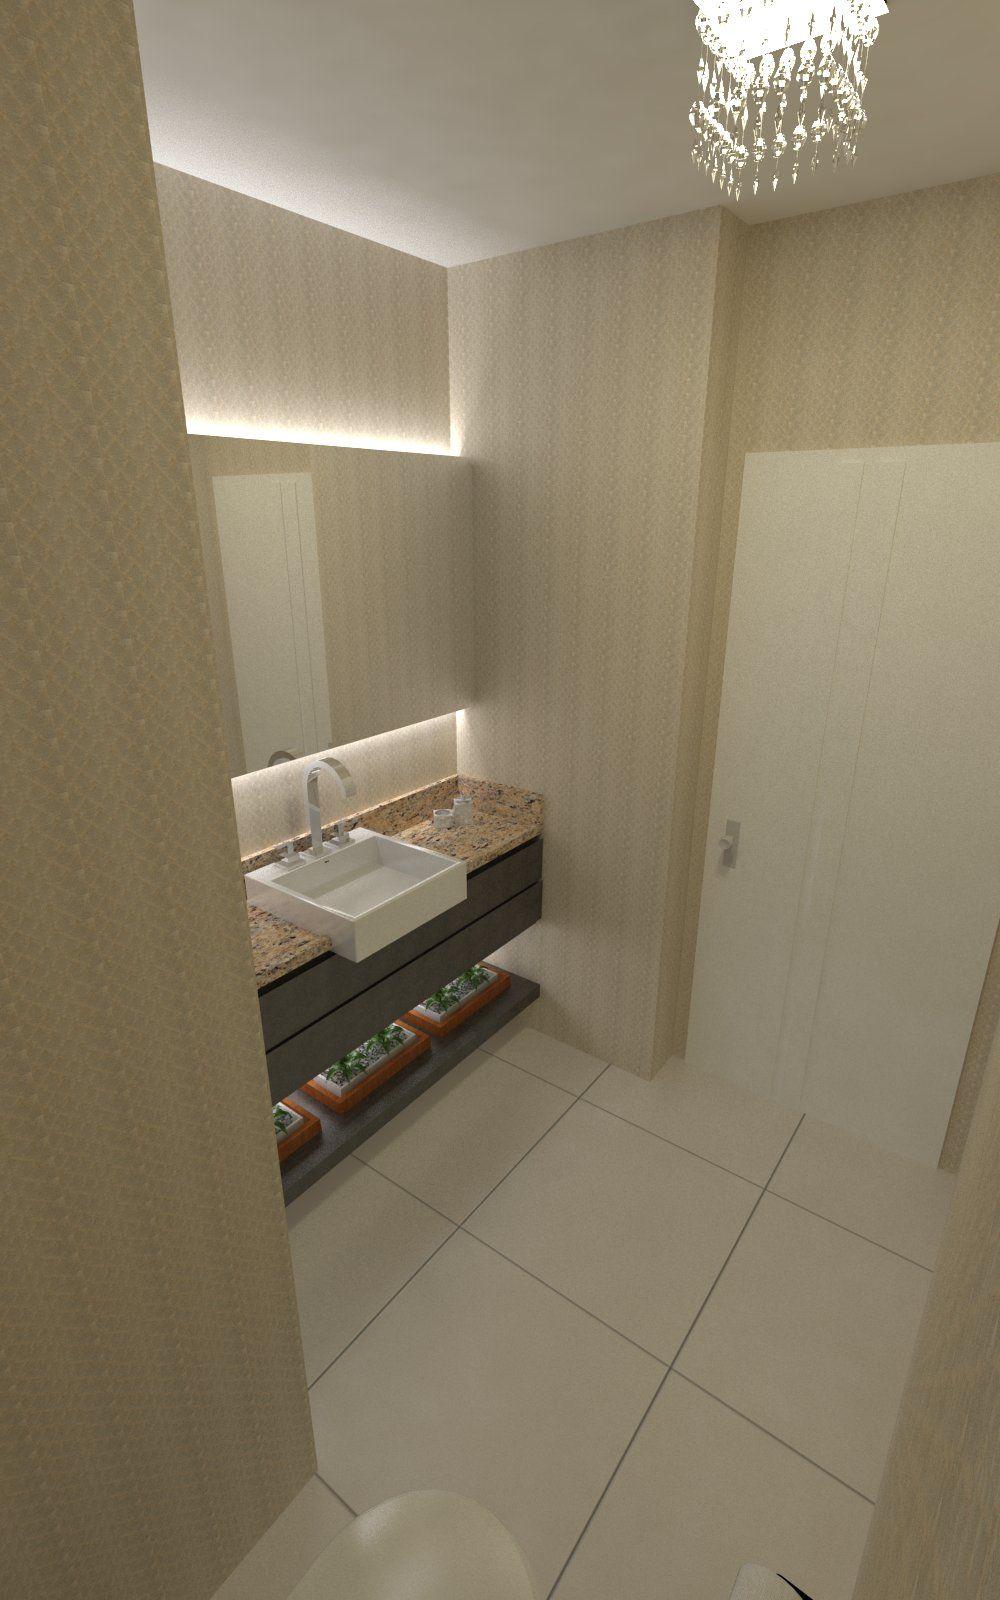 Lavabo - Apartamento Residencial de um Casal com Dois Filhos